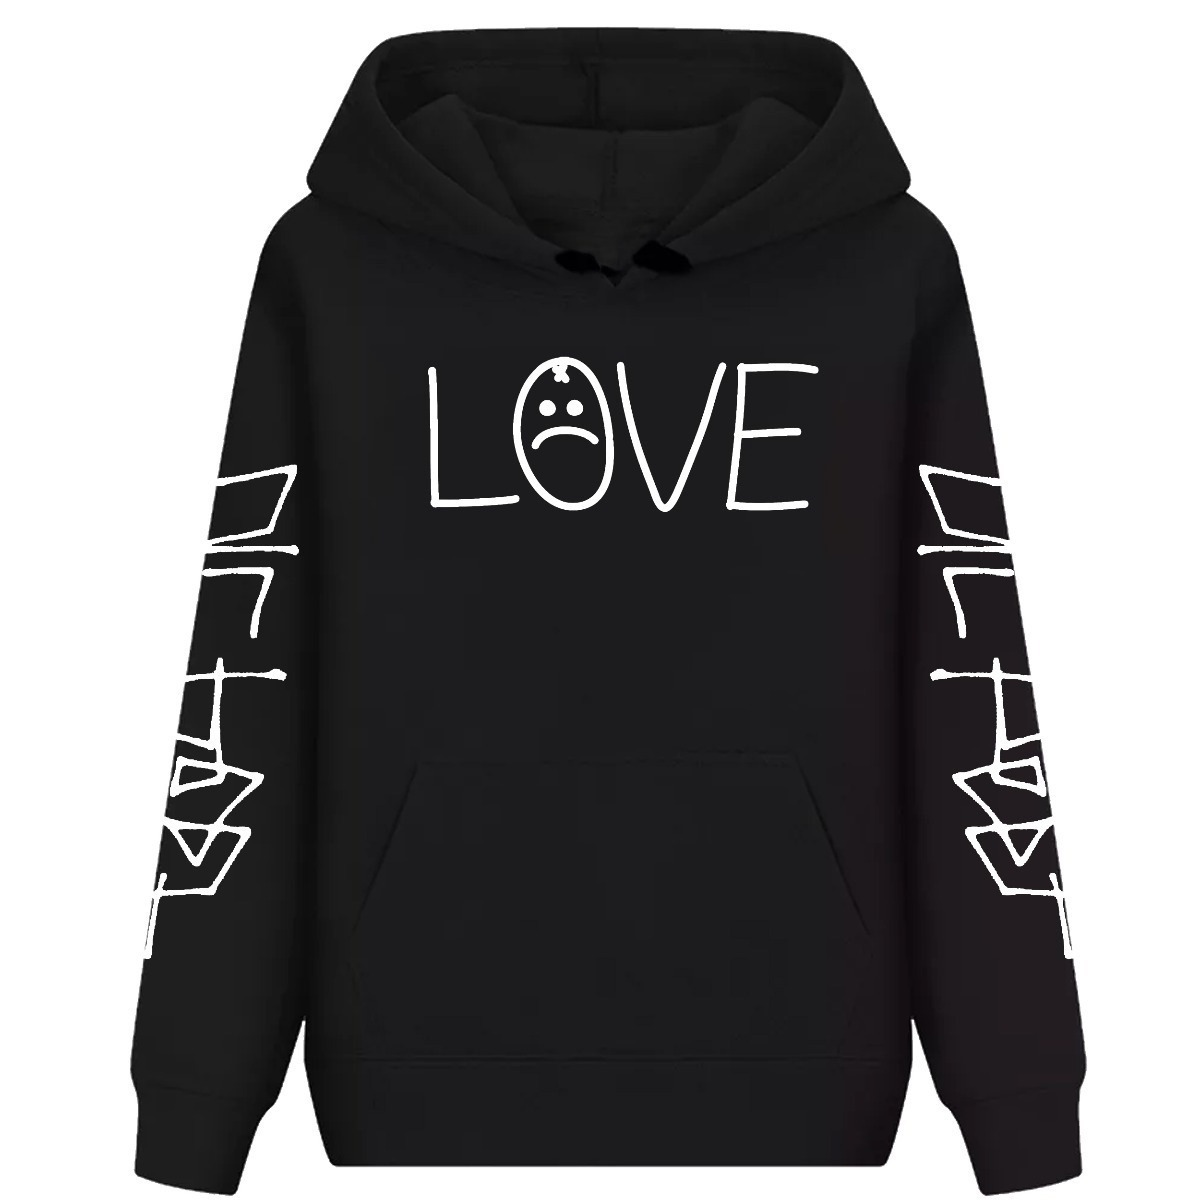 blusa de frio casaco agasalho moletom lil peep love mod 03. Carregando zoom. 2c710b5446b48